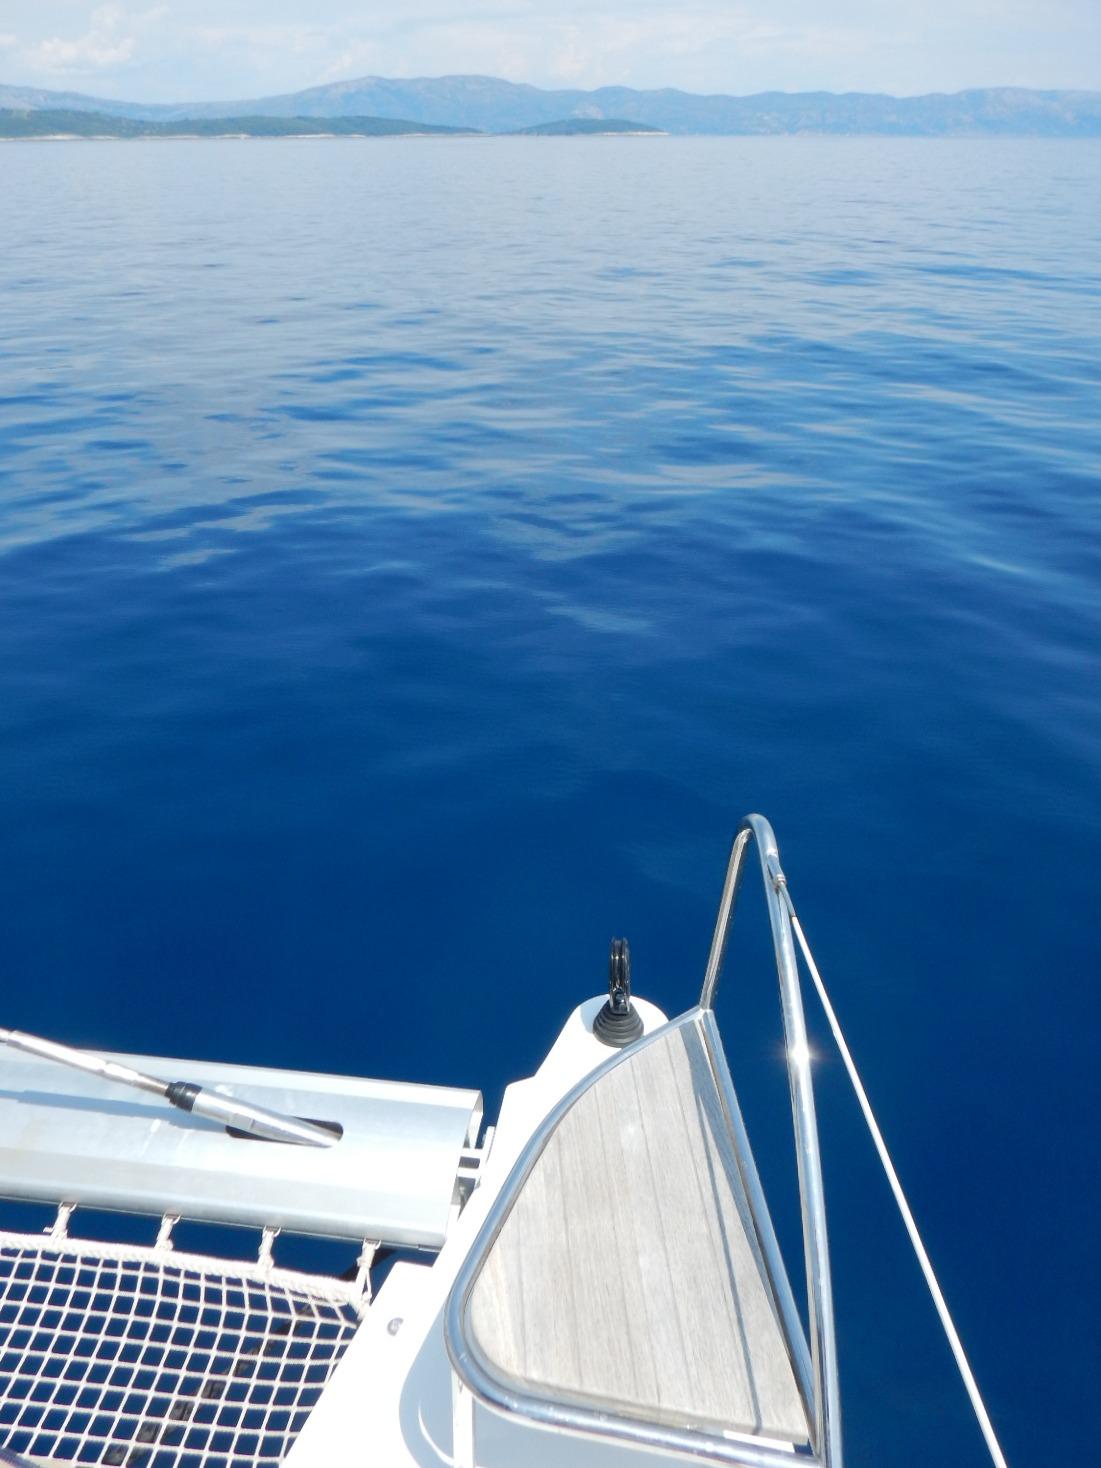 Croatia flat seas